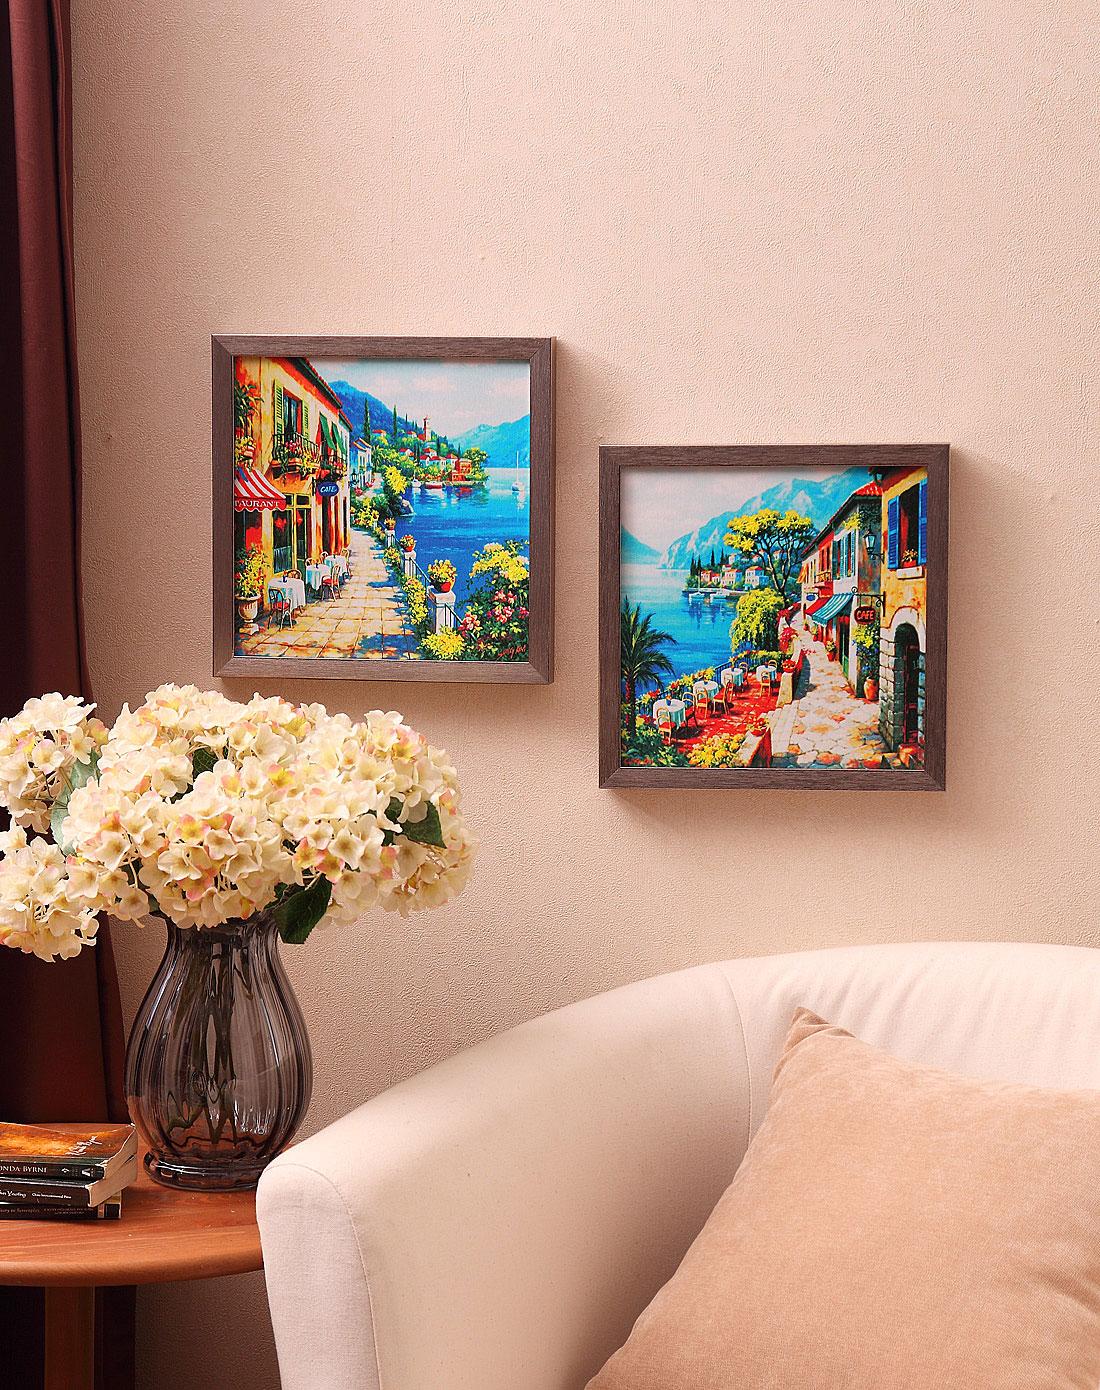 首页> 荷玛heim家居专场 > 地中海风装饰画-咖啡小镇一对